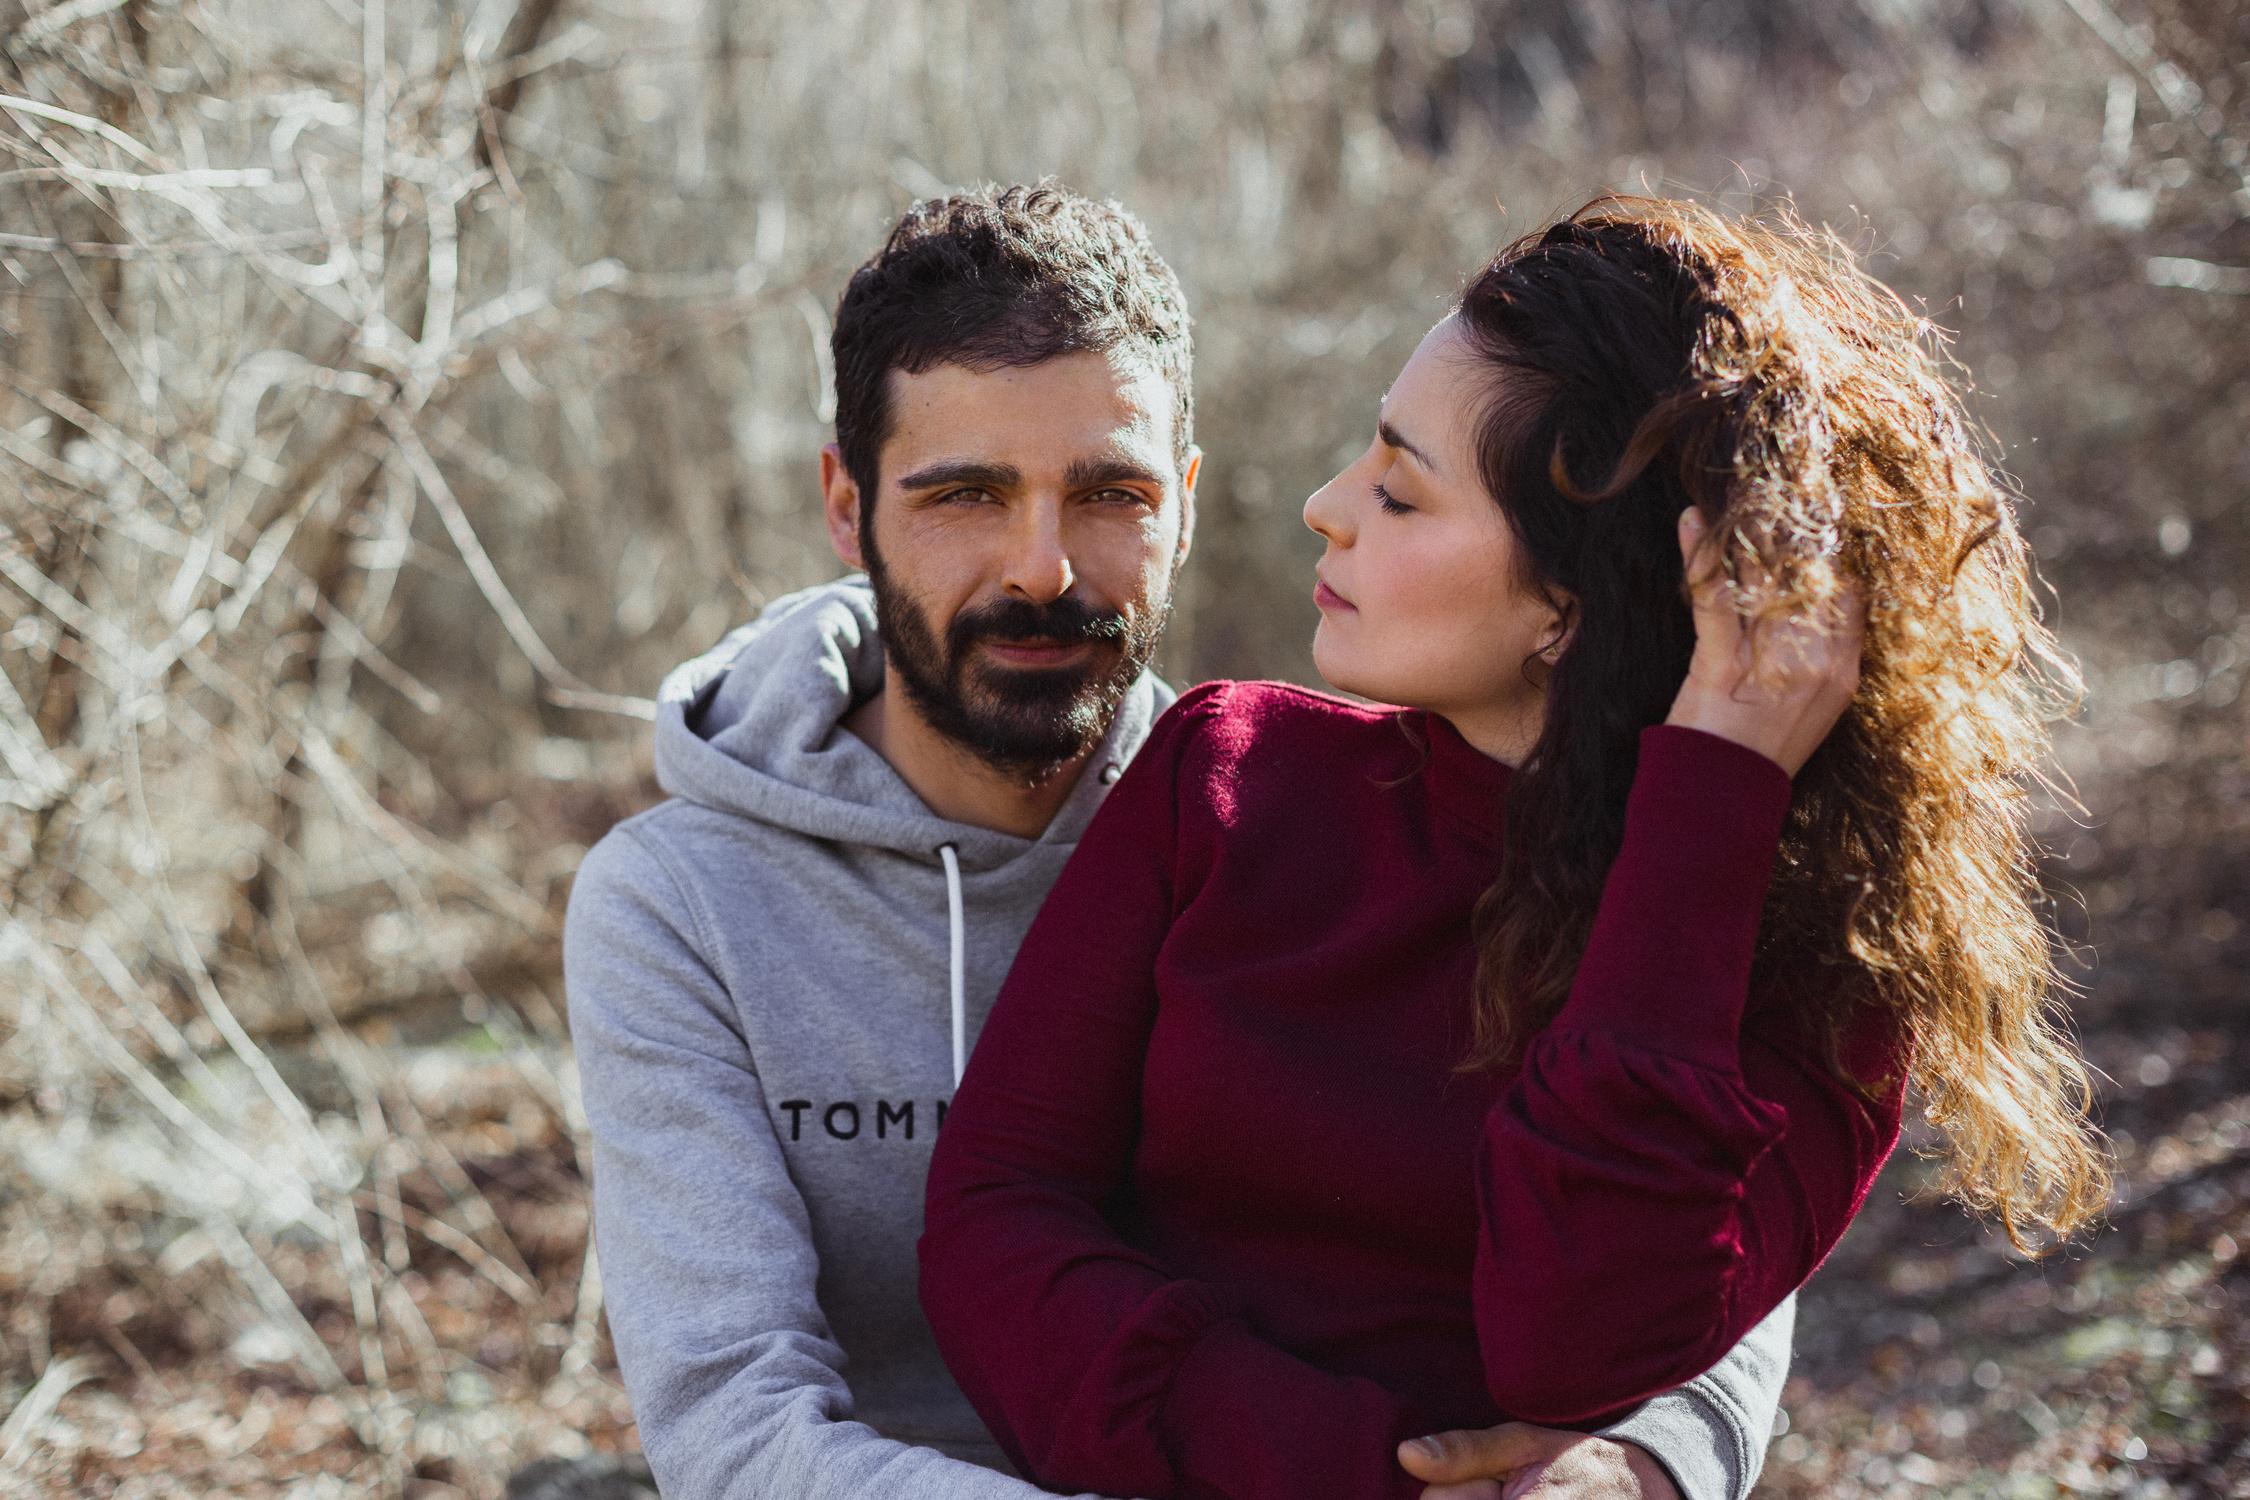 Ragazza con maglione rosso che guarda il proprio ragazzo, che guarda verso la macchina fotografica